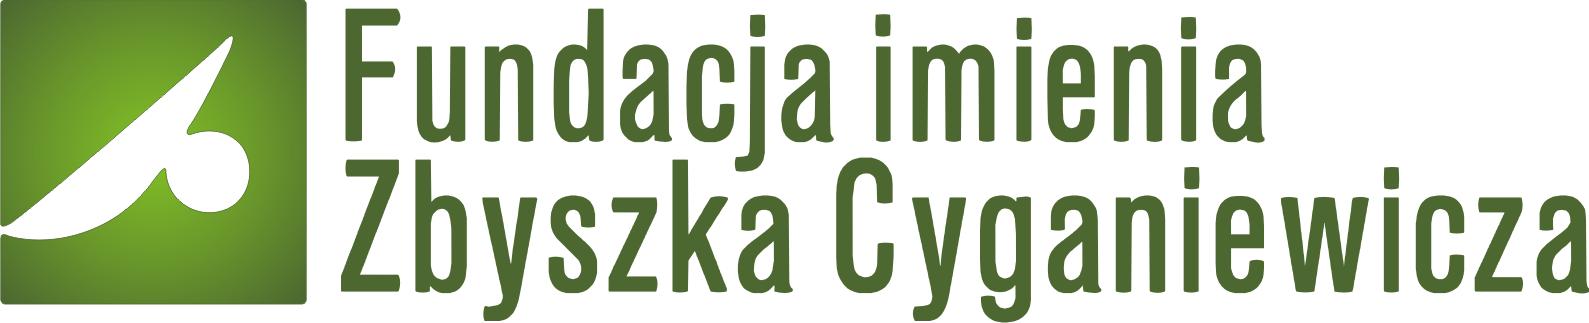 Logo Fundacja imienia Zbyszka Cyganiewicza 1